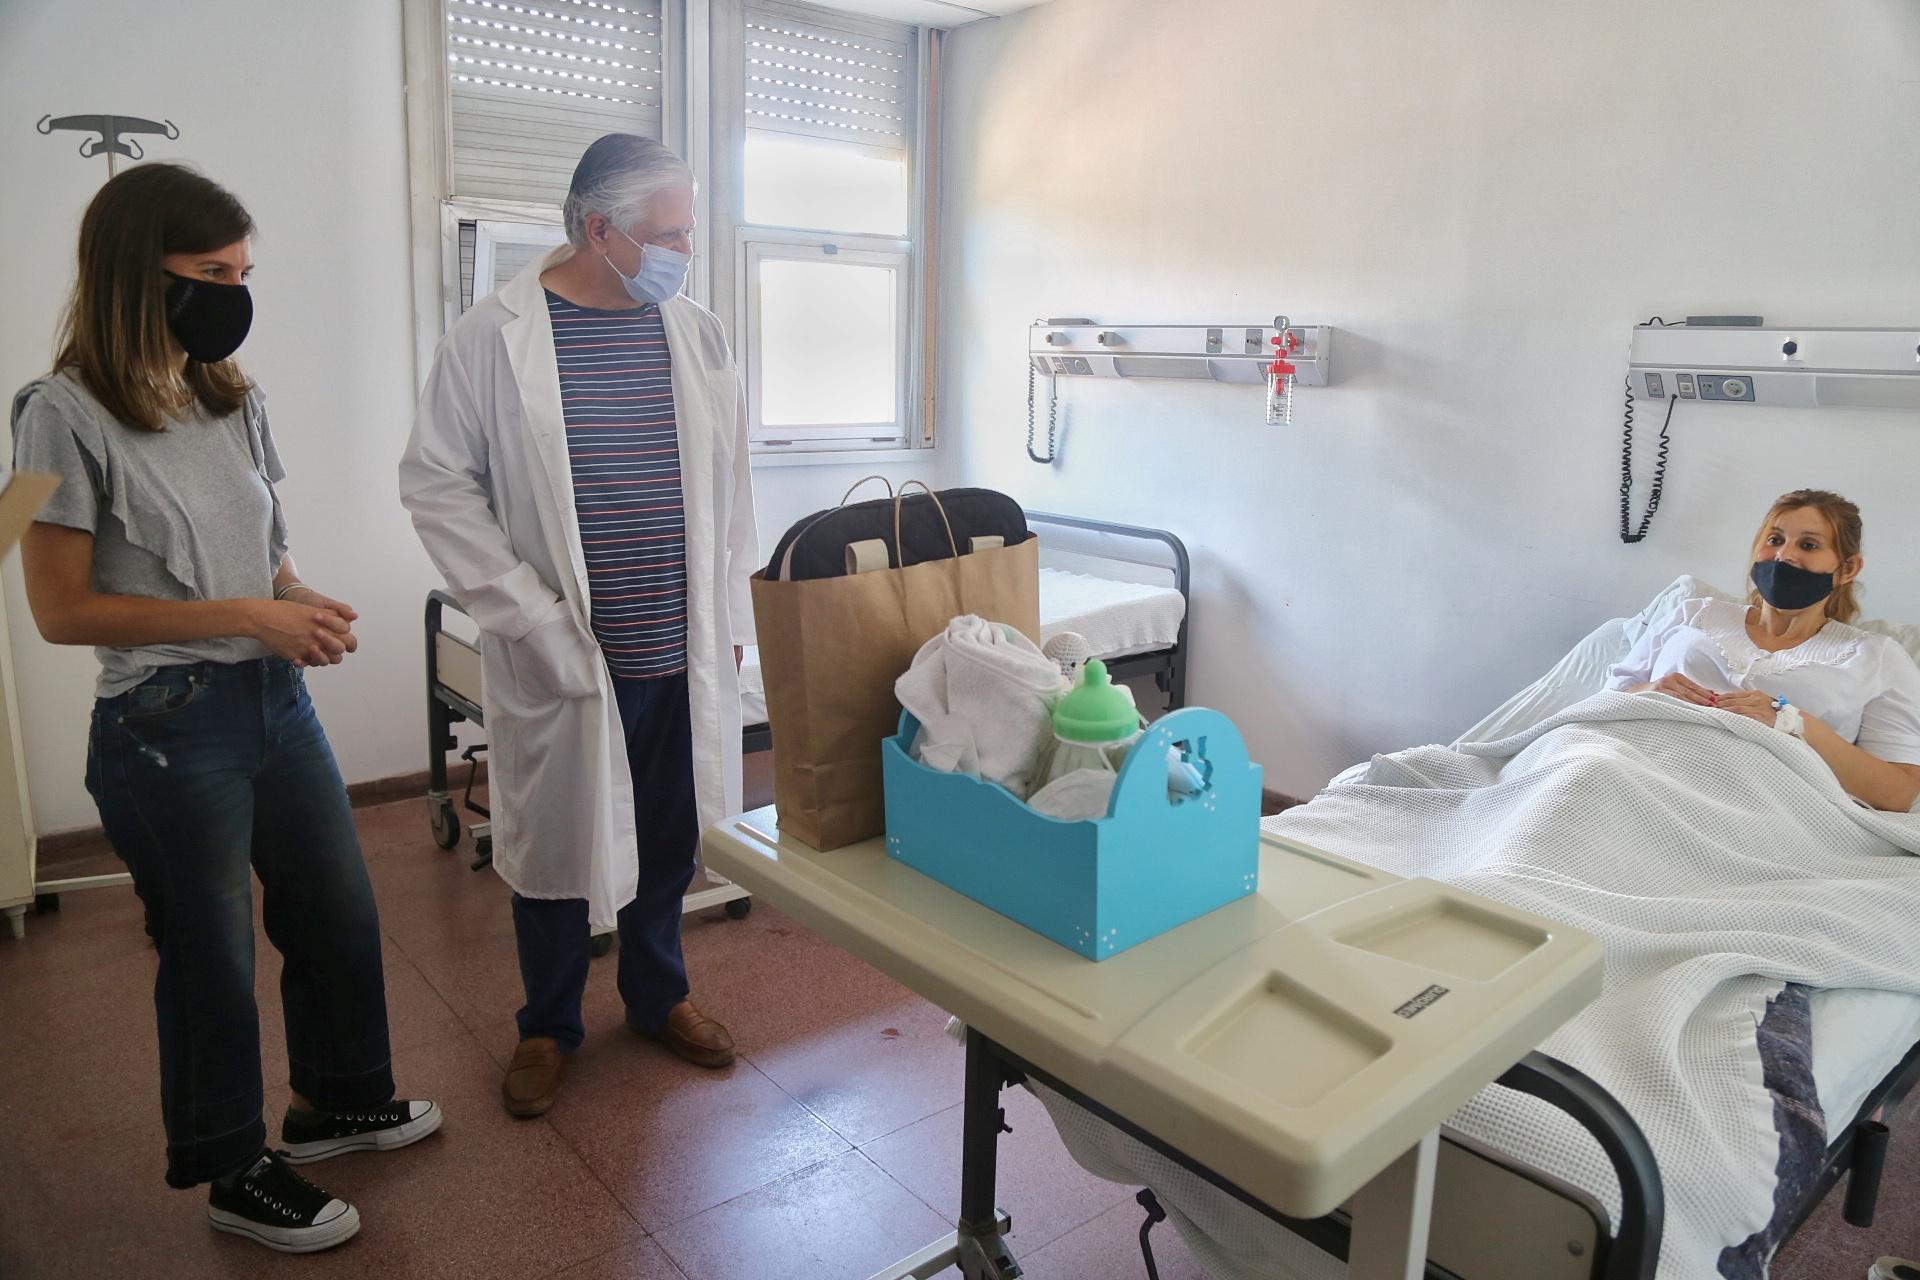 La titular de ANSES visitó un hospital en Mar del Plata dónde se dió el primer nacimiento del año 1